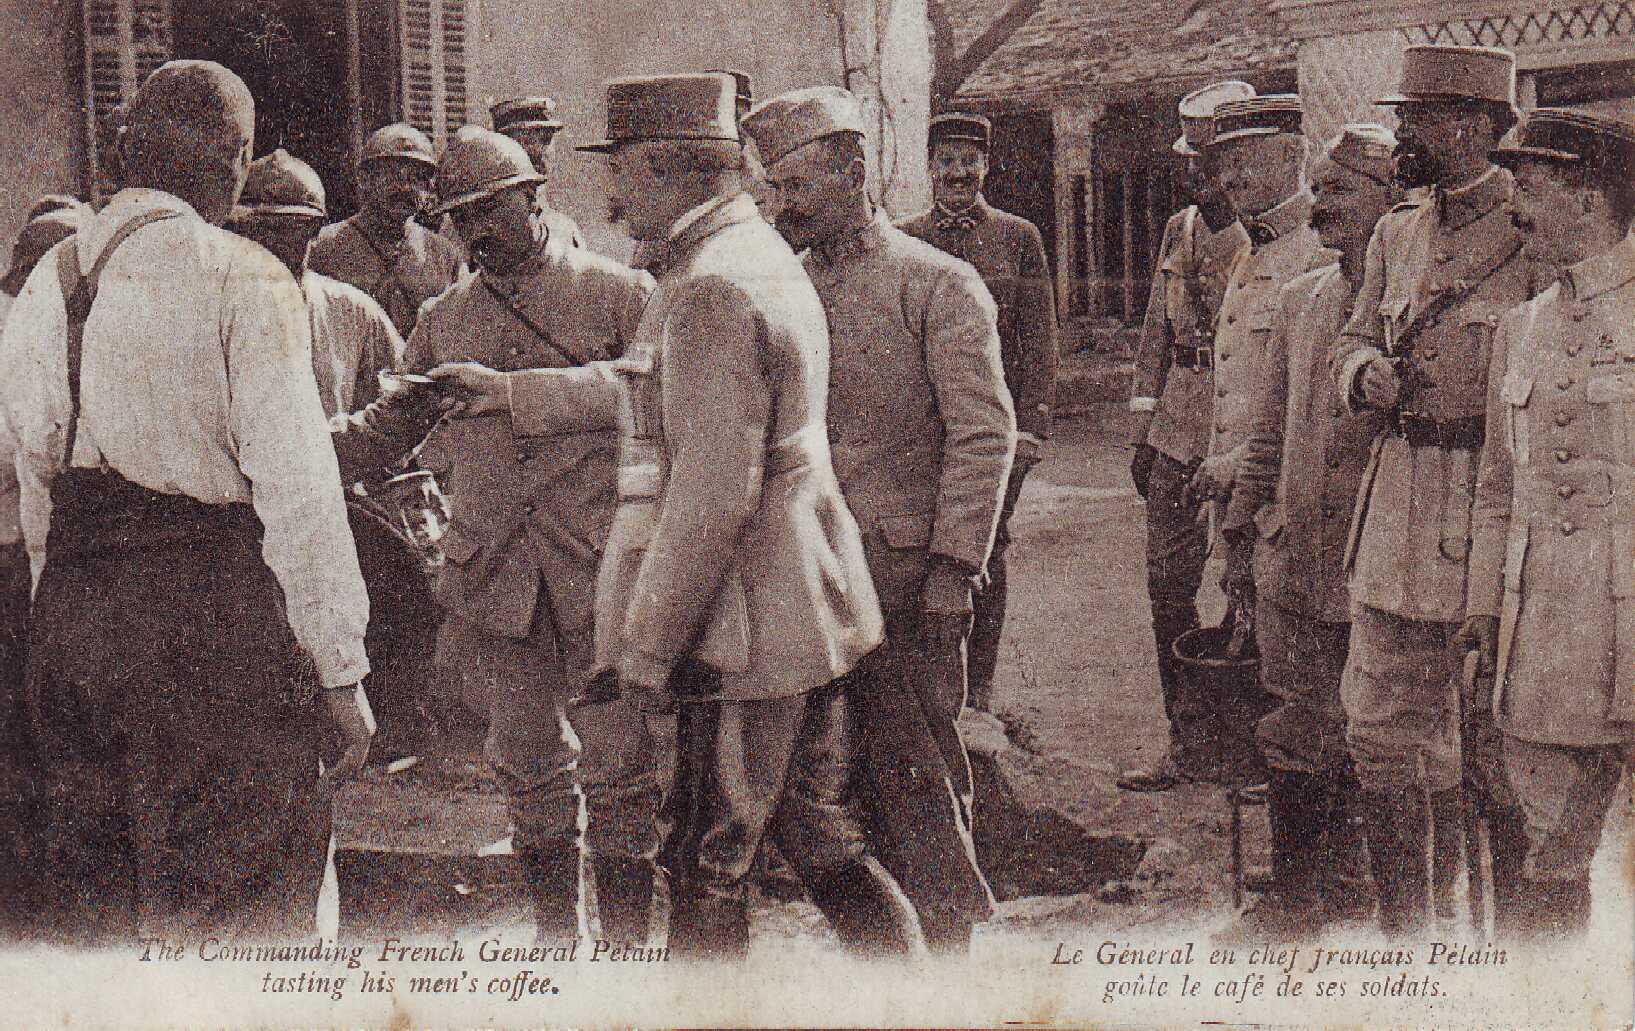 Petain-Goute-Le-Cafe-Des-Soldats.jpg